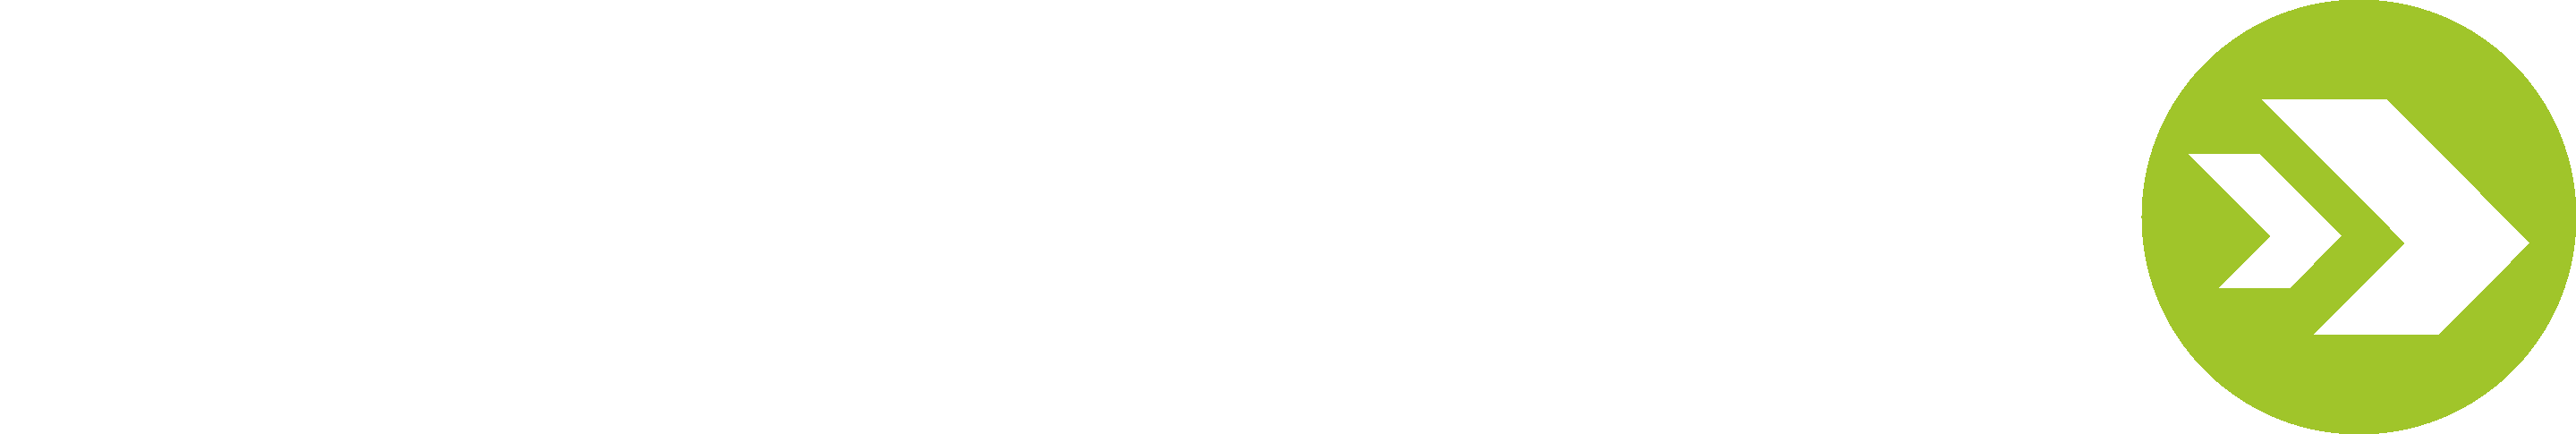 PRODYNA_Logo_white_green